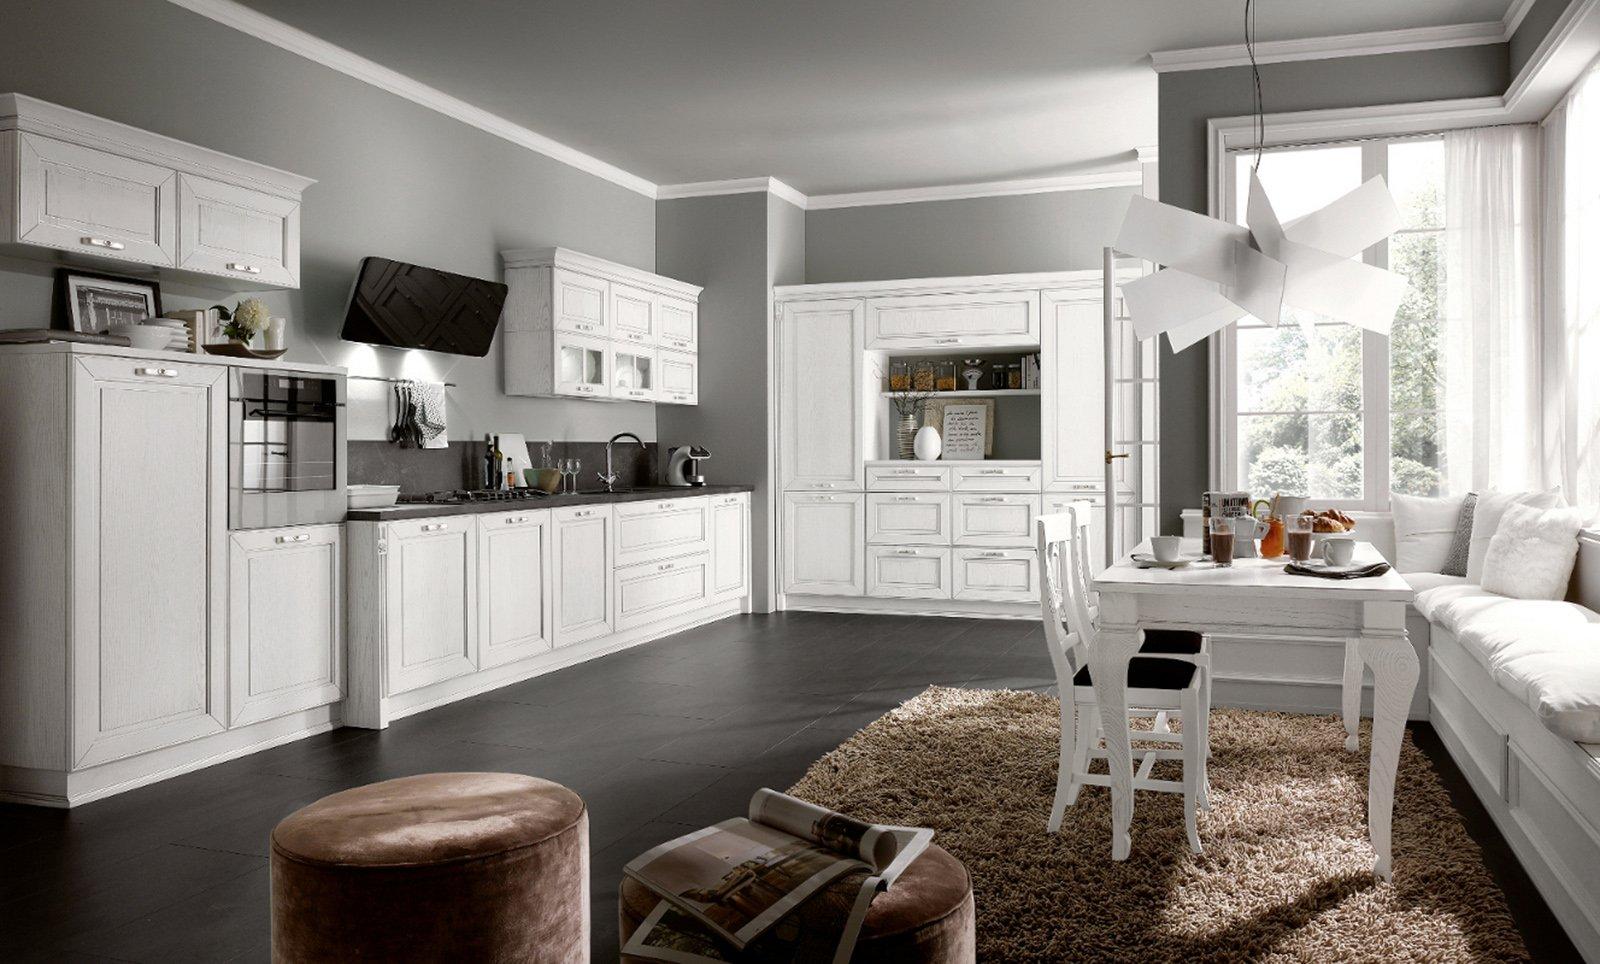 Nuove cucine con maniglia protagonista cose di casa for Arredamento